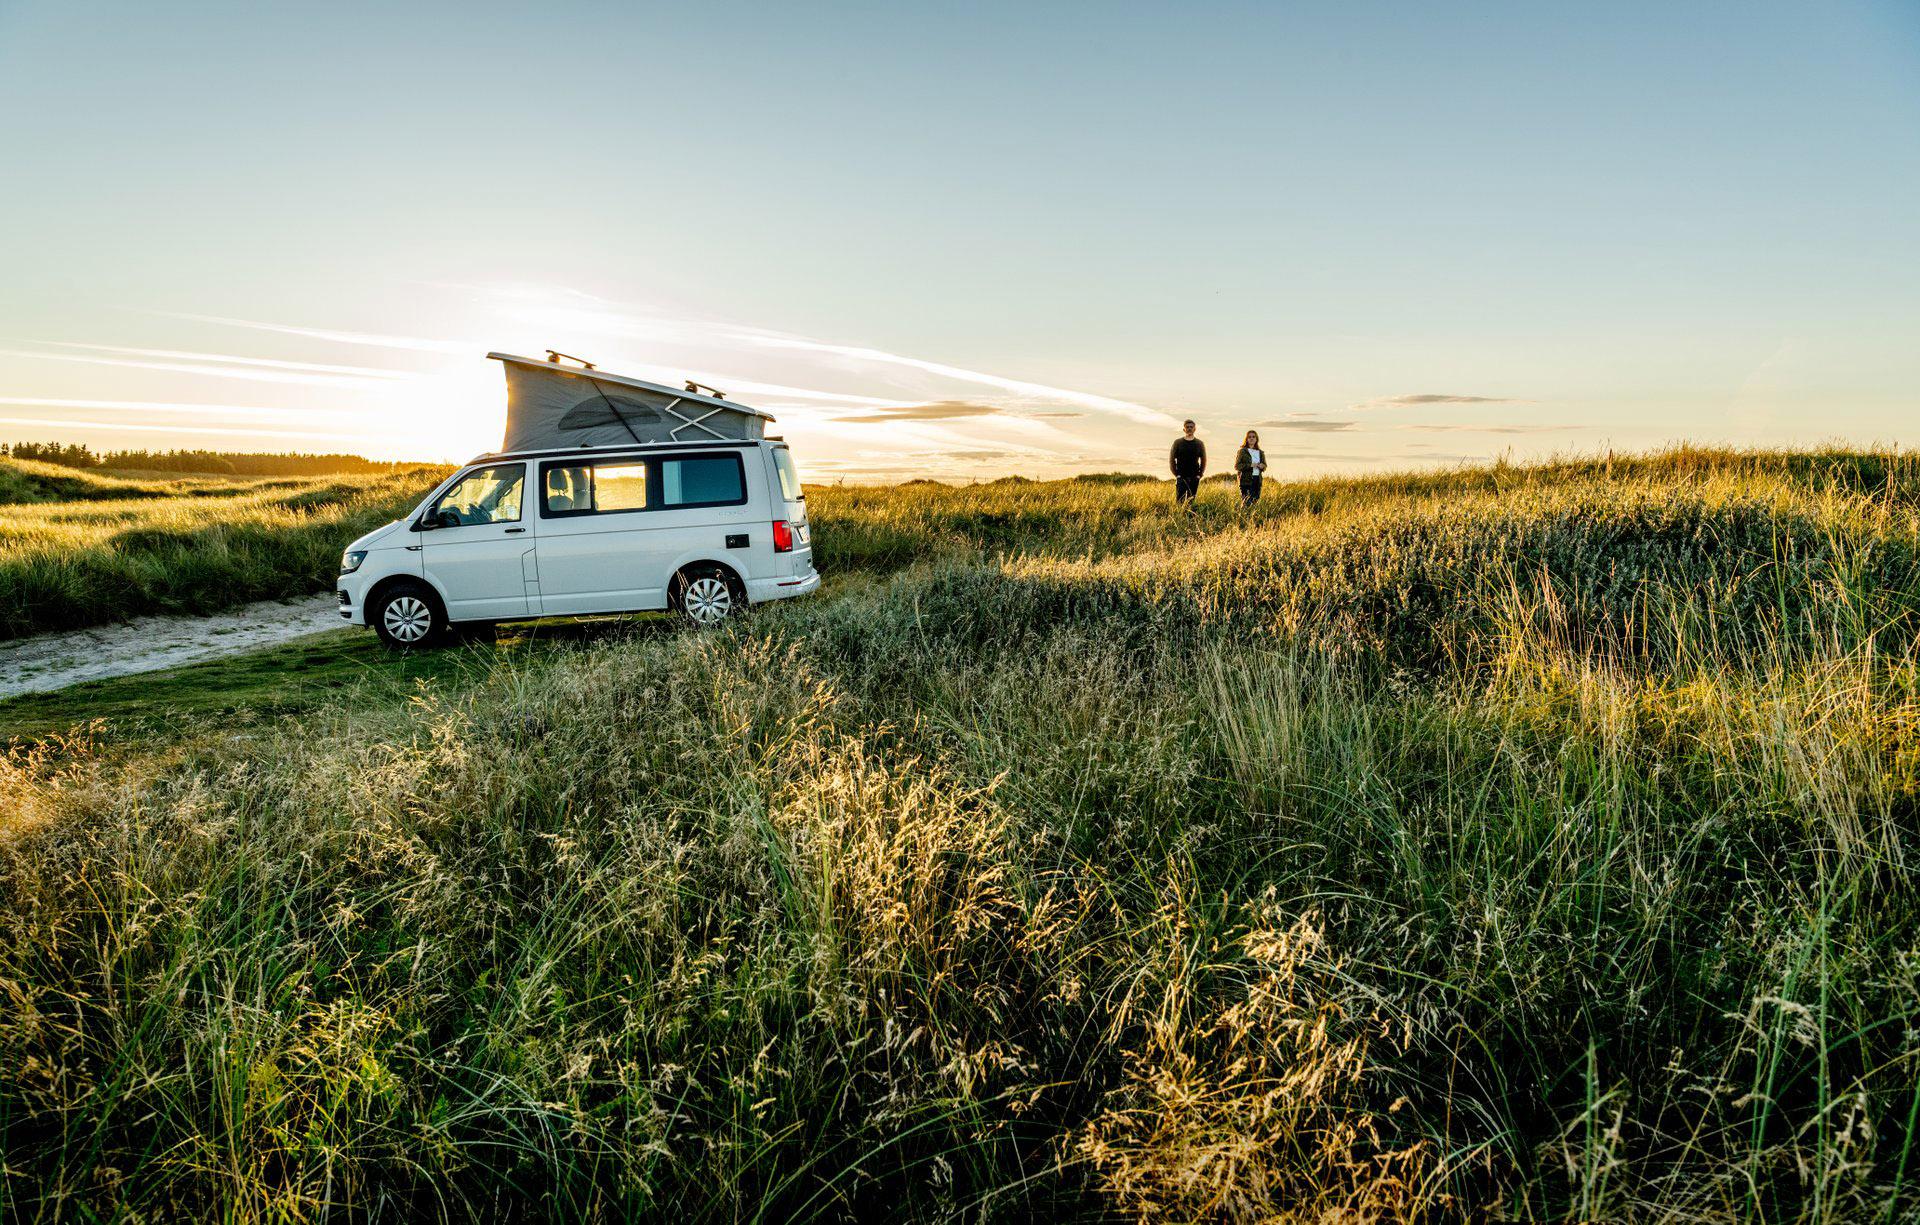 Mens 60 procent af danskerne sidste år under coronakrisen holdt ferie i Danmark, forudser ny analyse at tallet i år falder til 47 procent som følge af den gradvise genåbning af rejsemuligheder til andre lande. Pressefoto: Mette Johnsen for VisitDenmark.